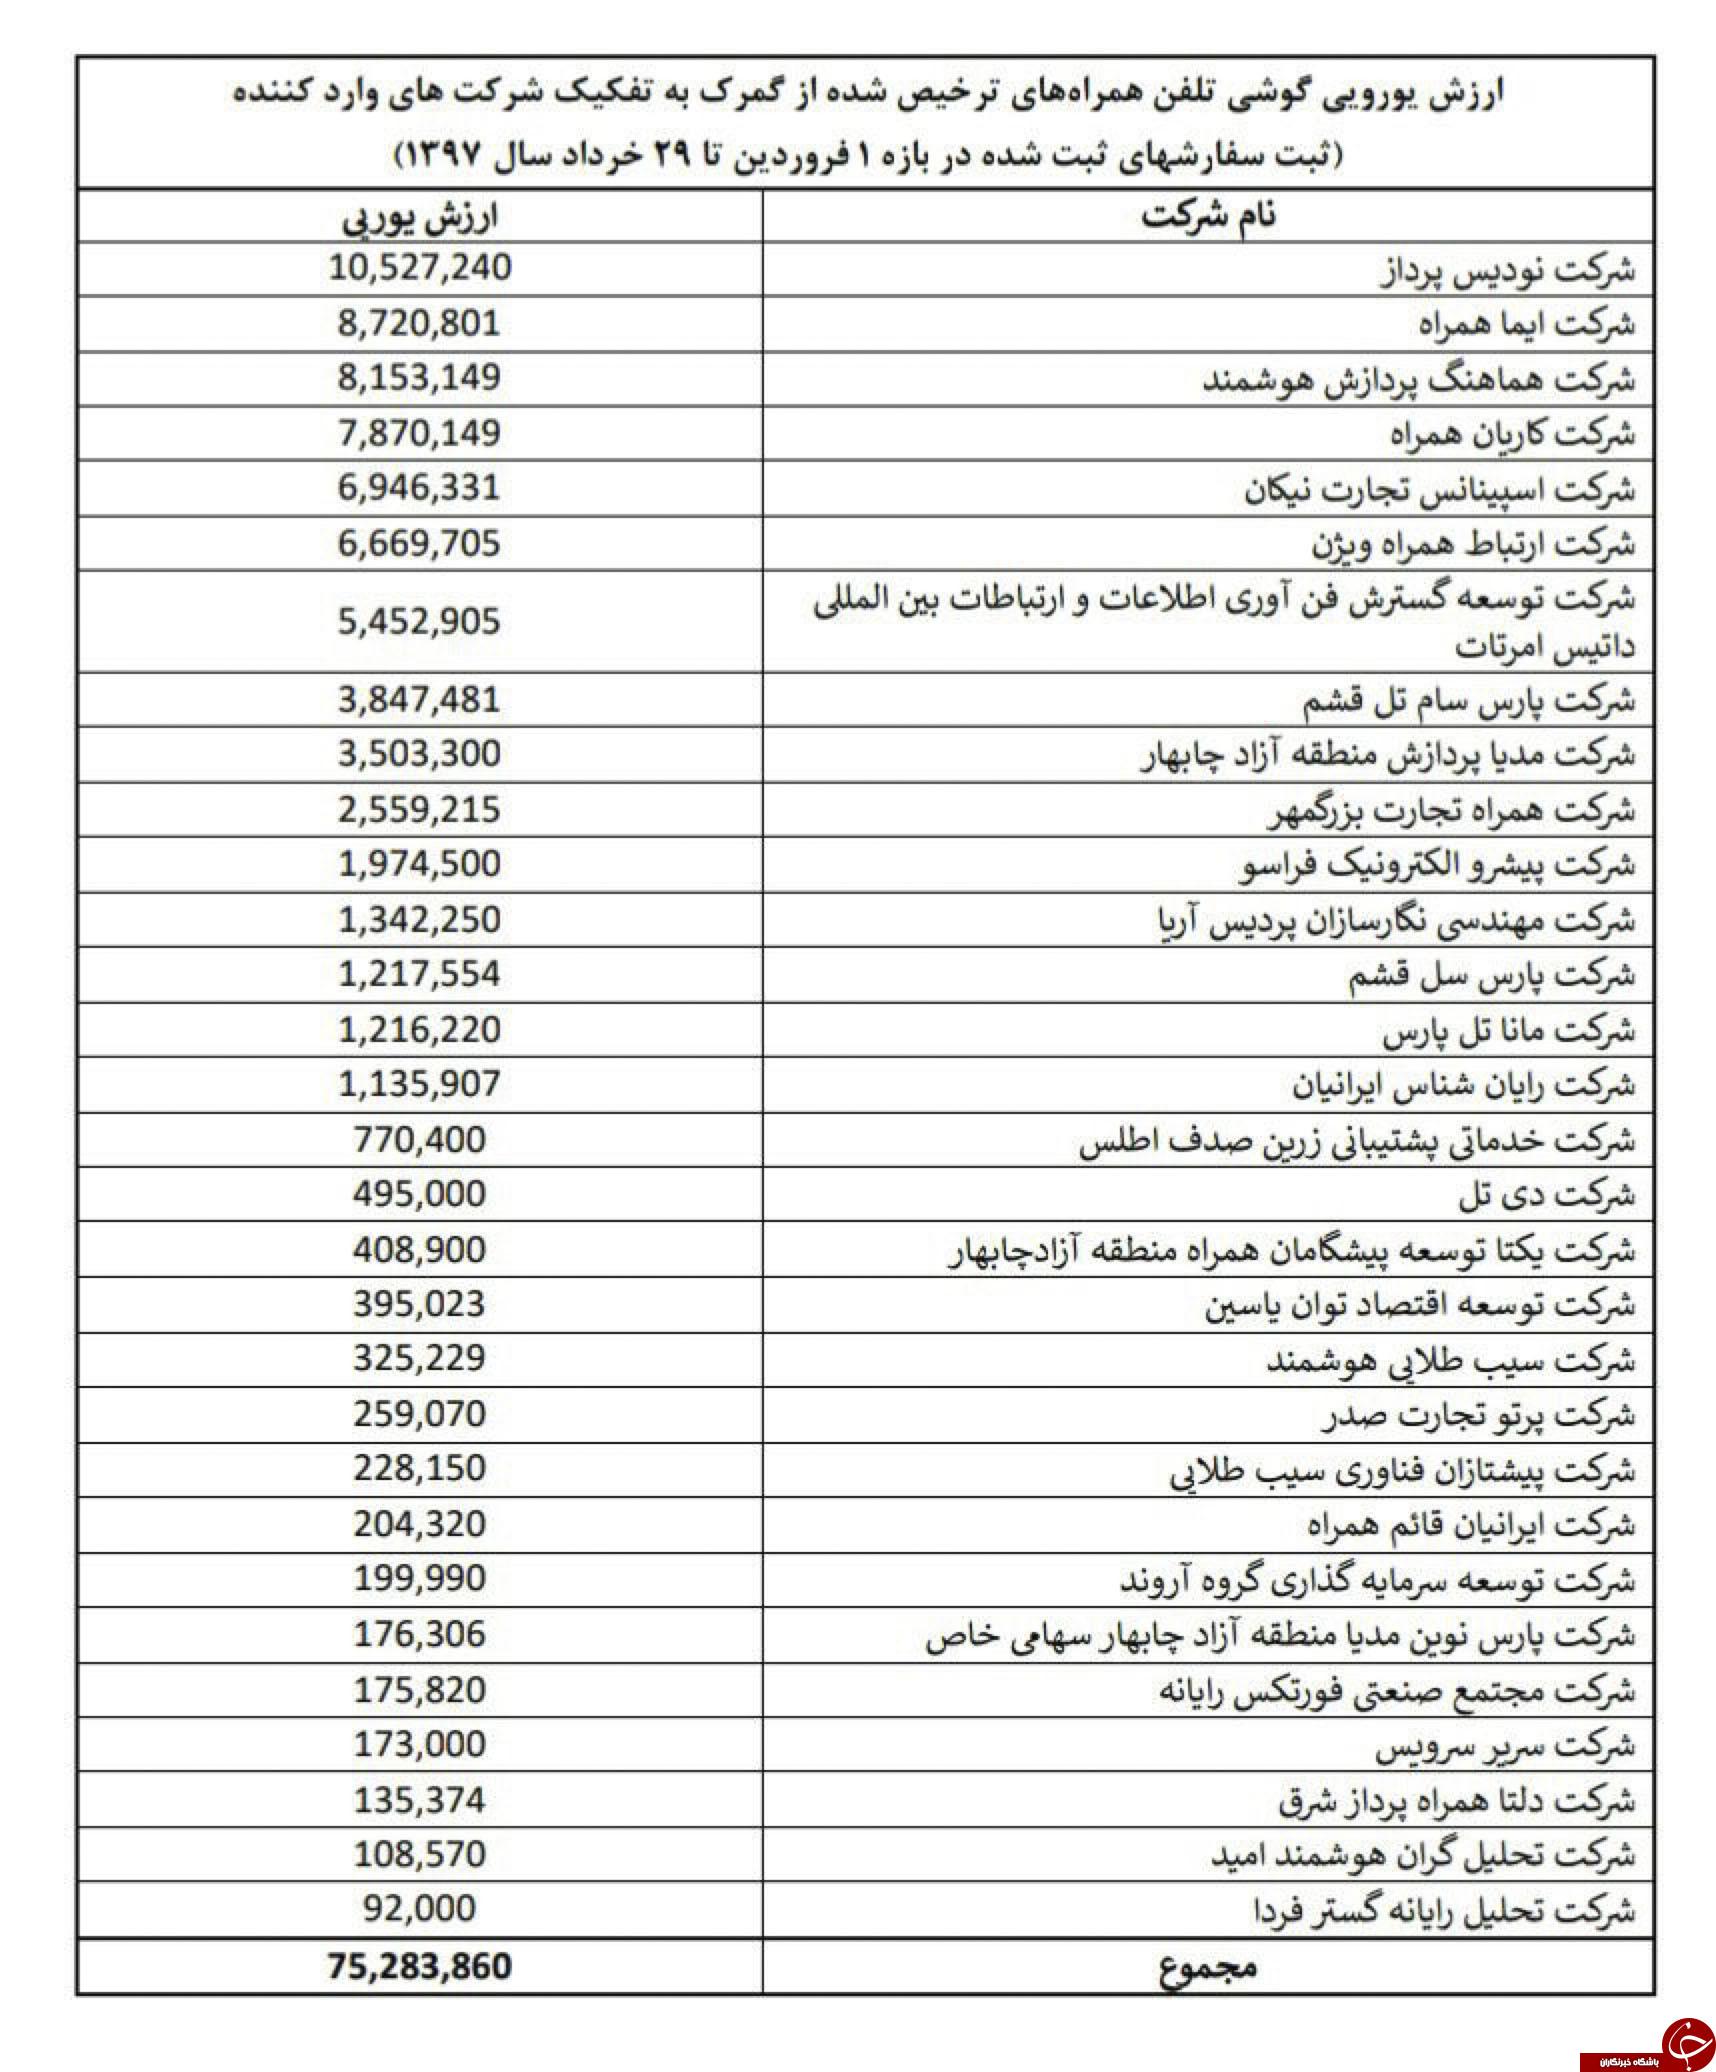 وزارت ارتباطات فهرست واردکنندگان گوشی همراه با ارز دولتی را منتشر کرد